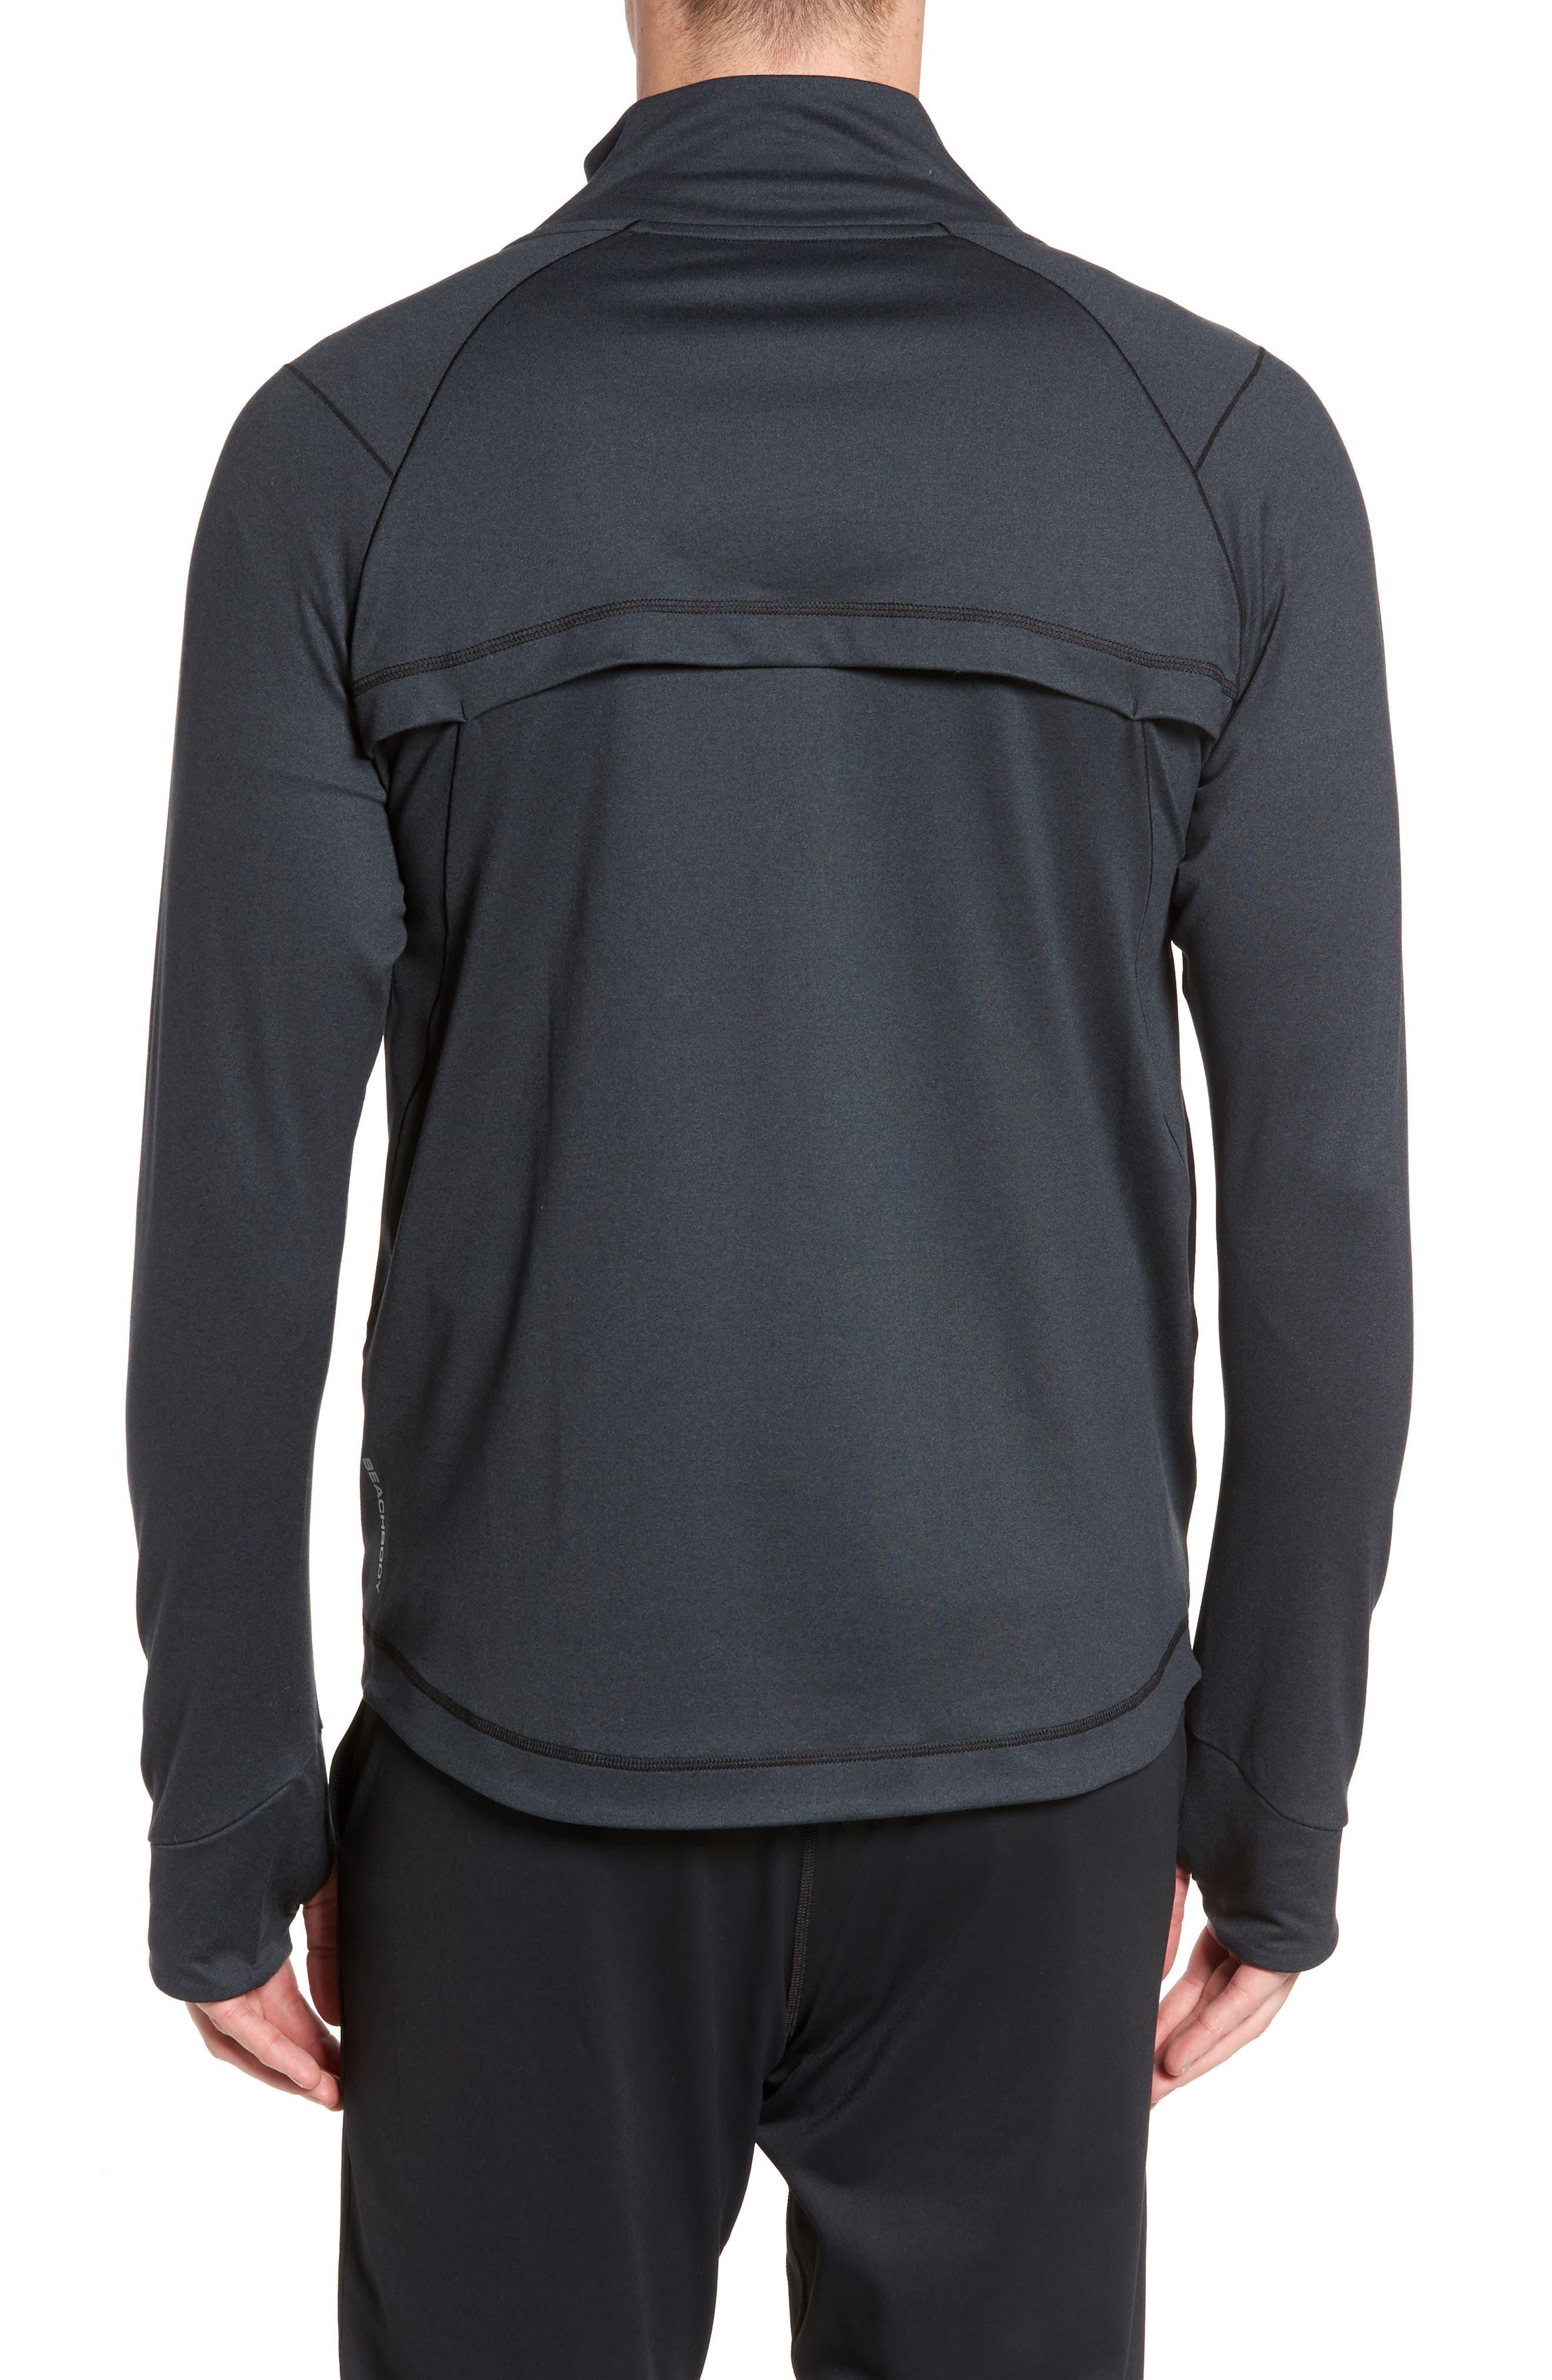 Alternate Image 2  - Beachbody Energy Training Jacket